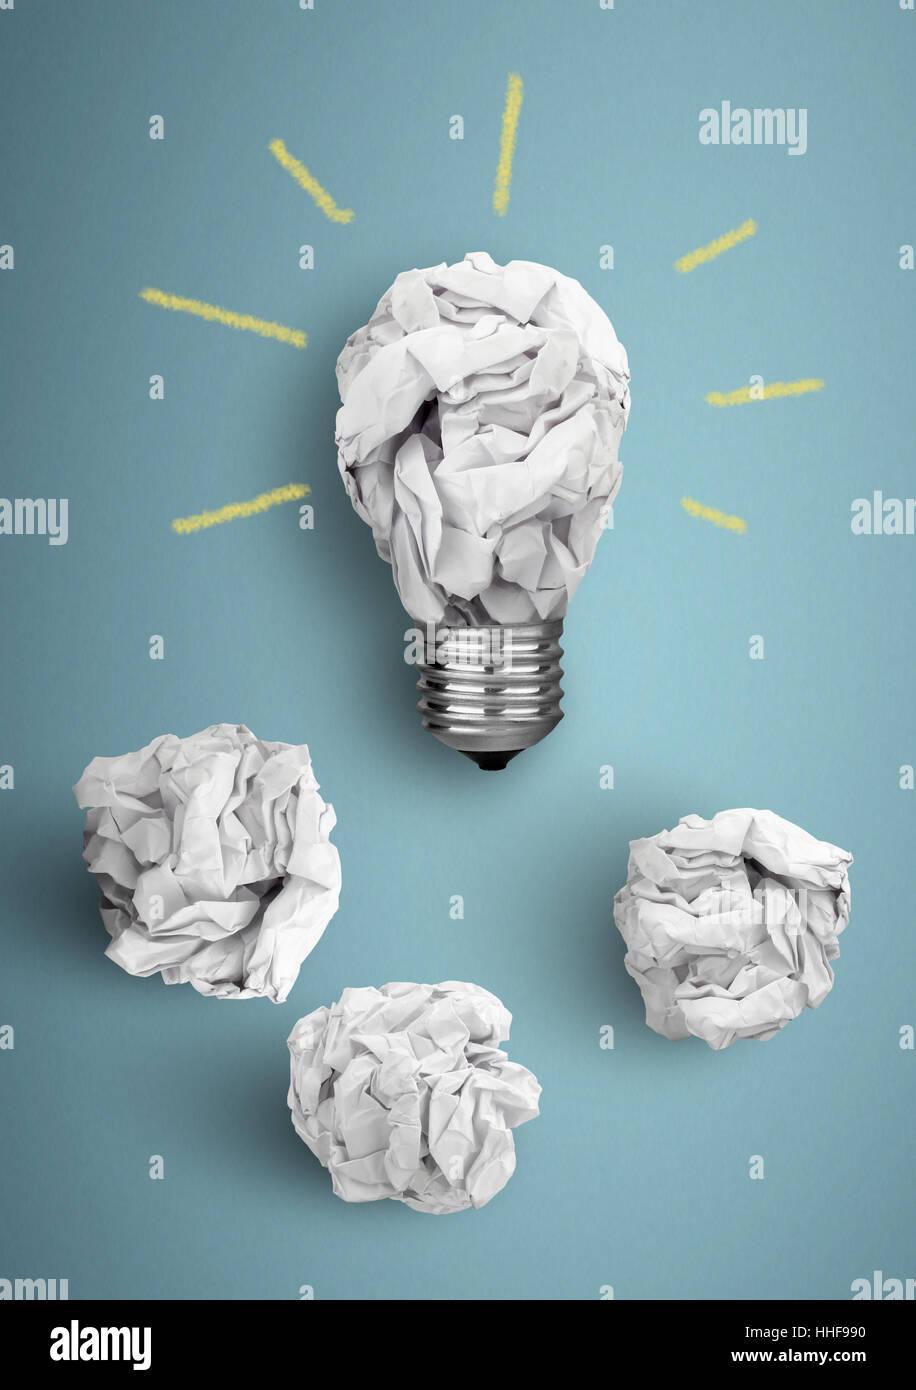 Idea concepto, lámpara con papel arrugado Imagen De Stock